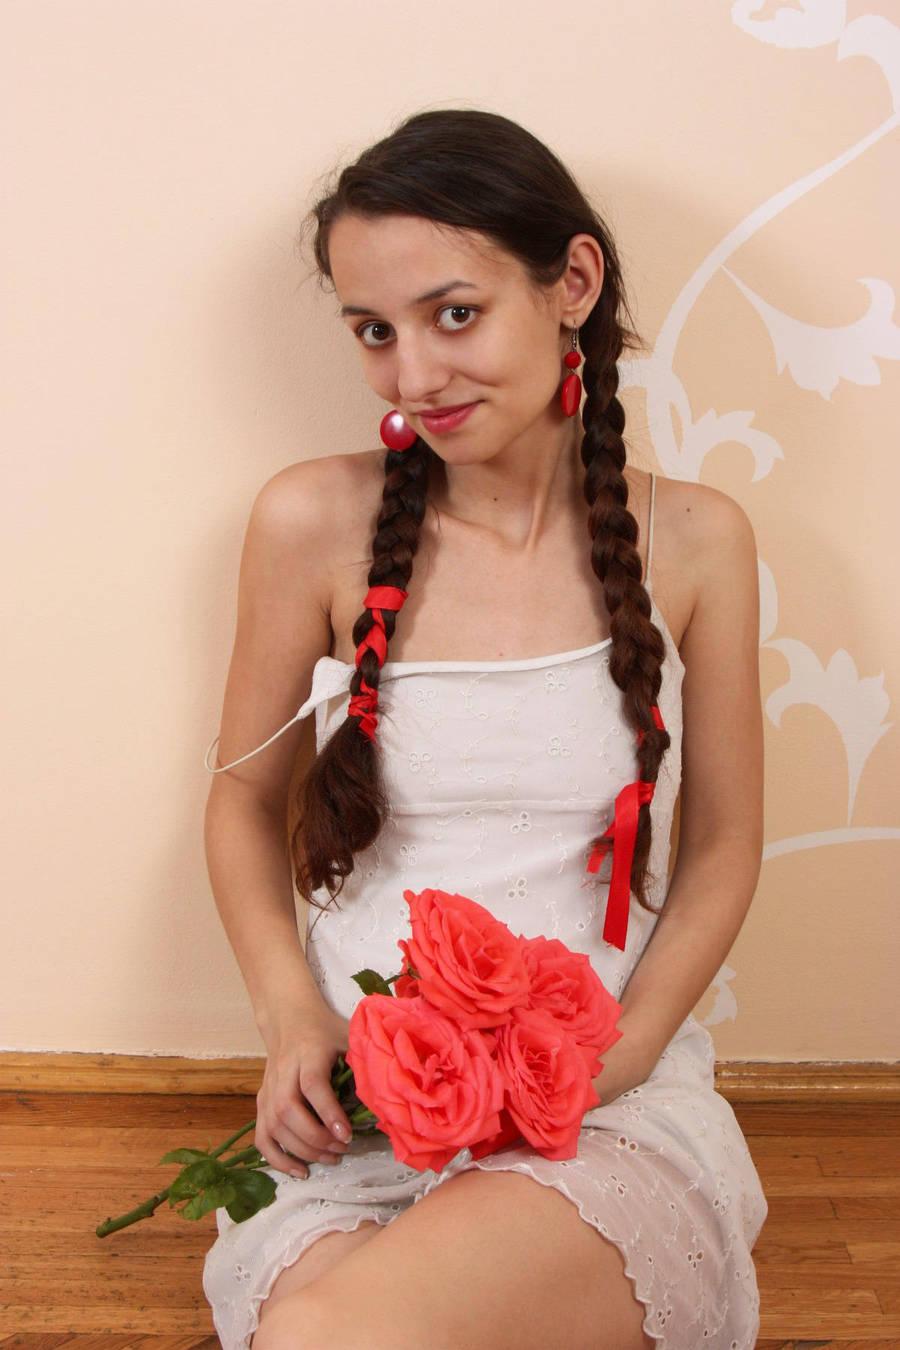 Shy roses by nicubunu